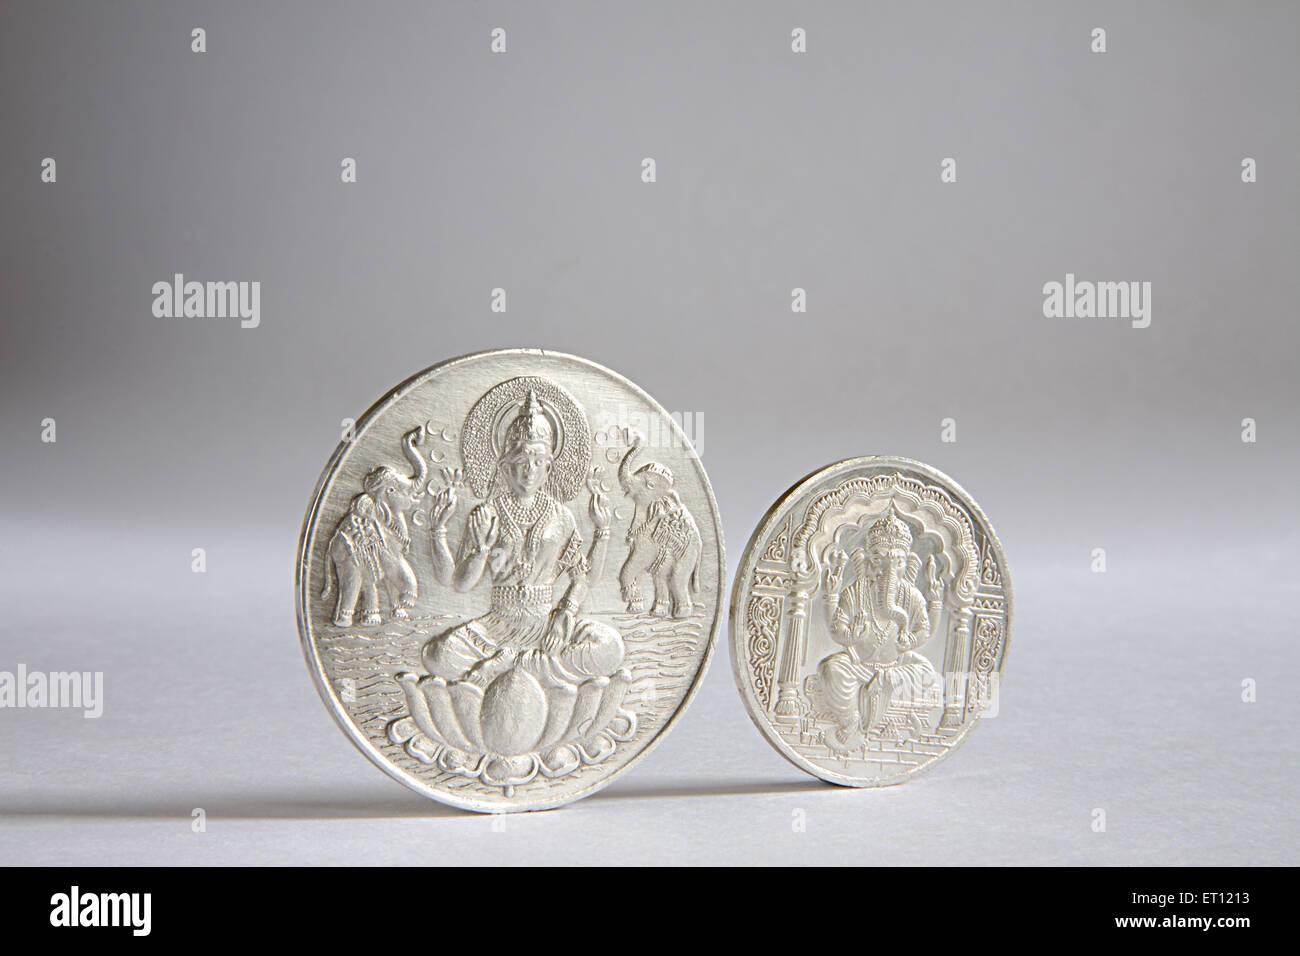 Monete d'argento con dio Ganesh e la dea Lakshmi picture ; India Immagini Stock